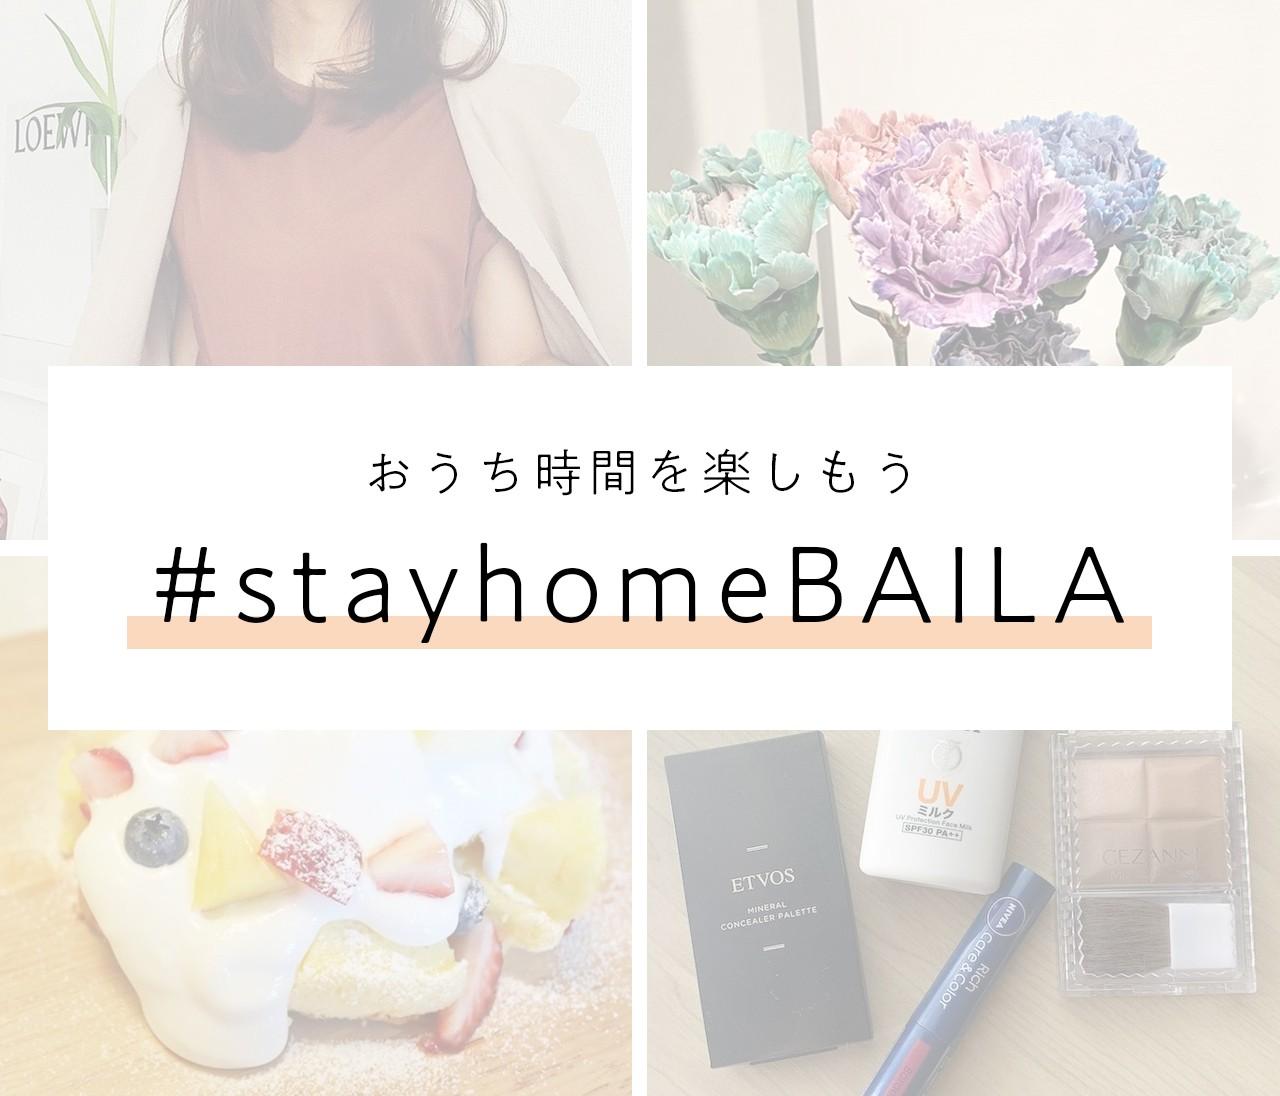 おうち時間を楽しもう #stayhomeBAILA